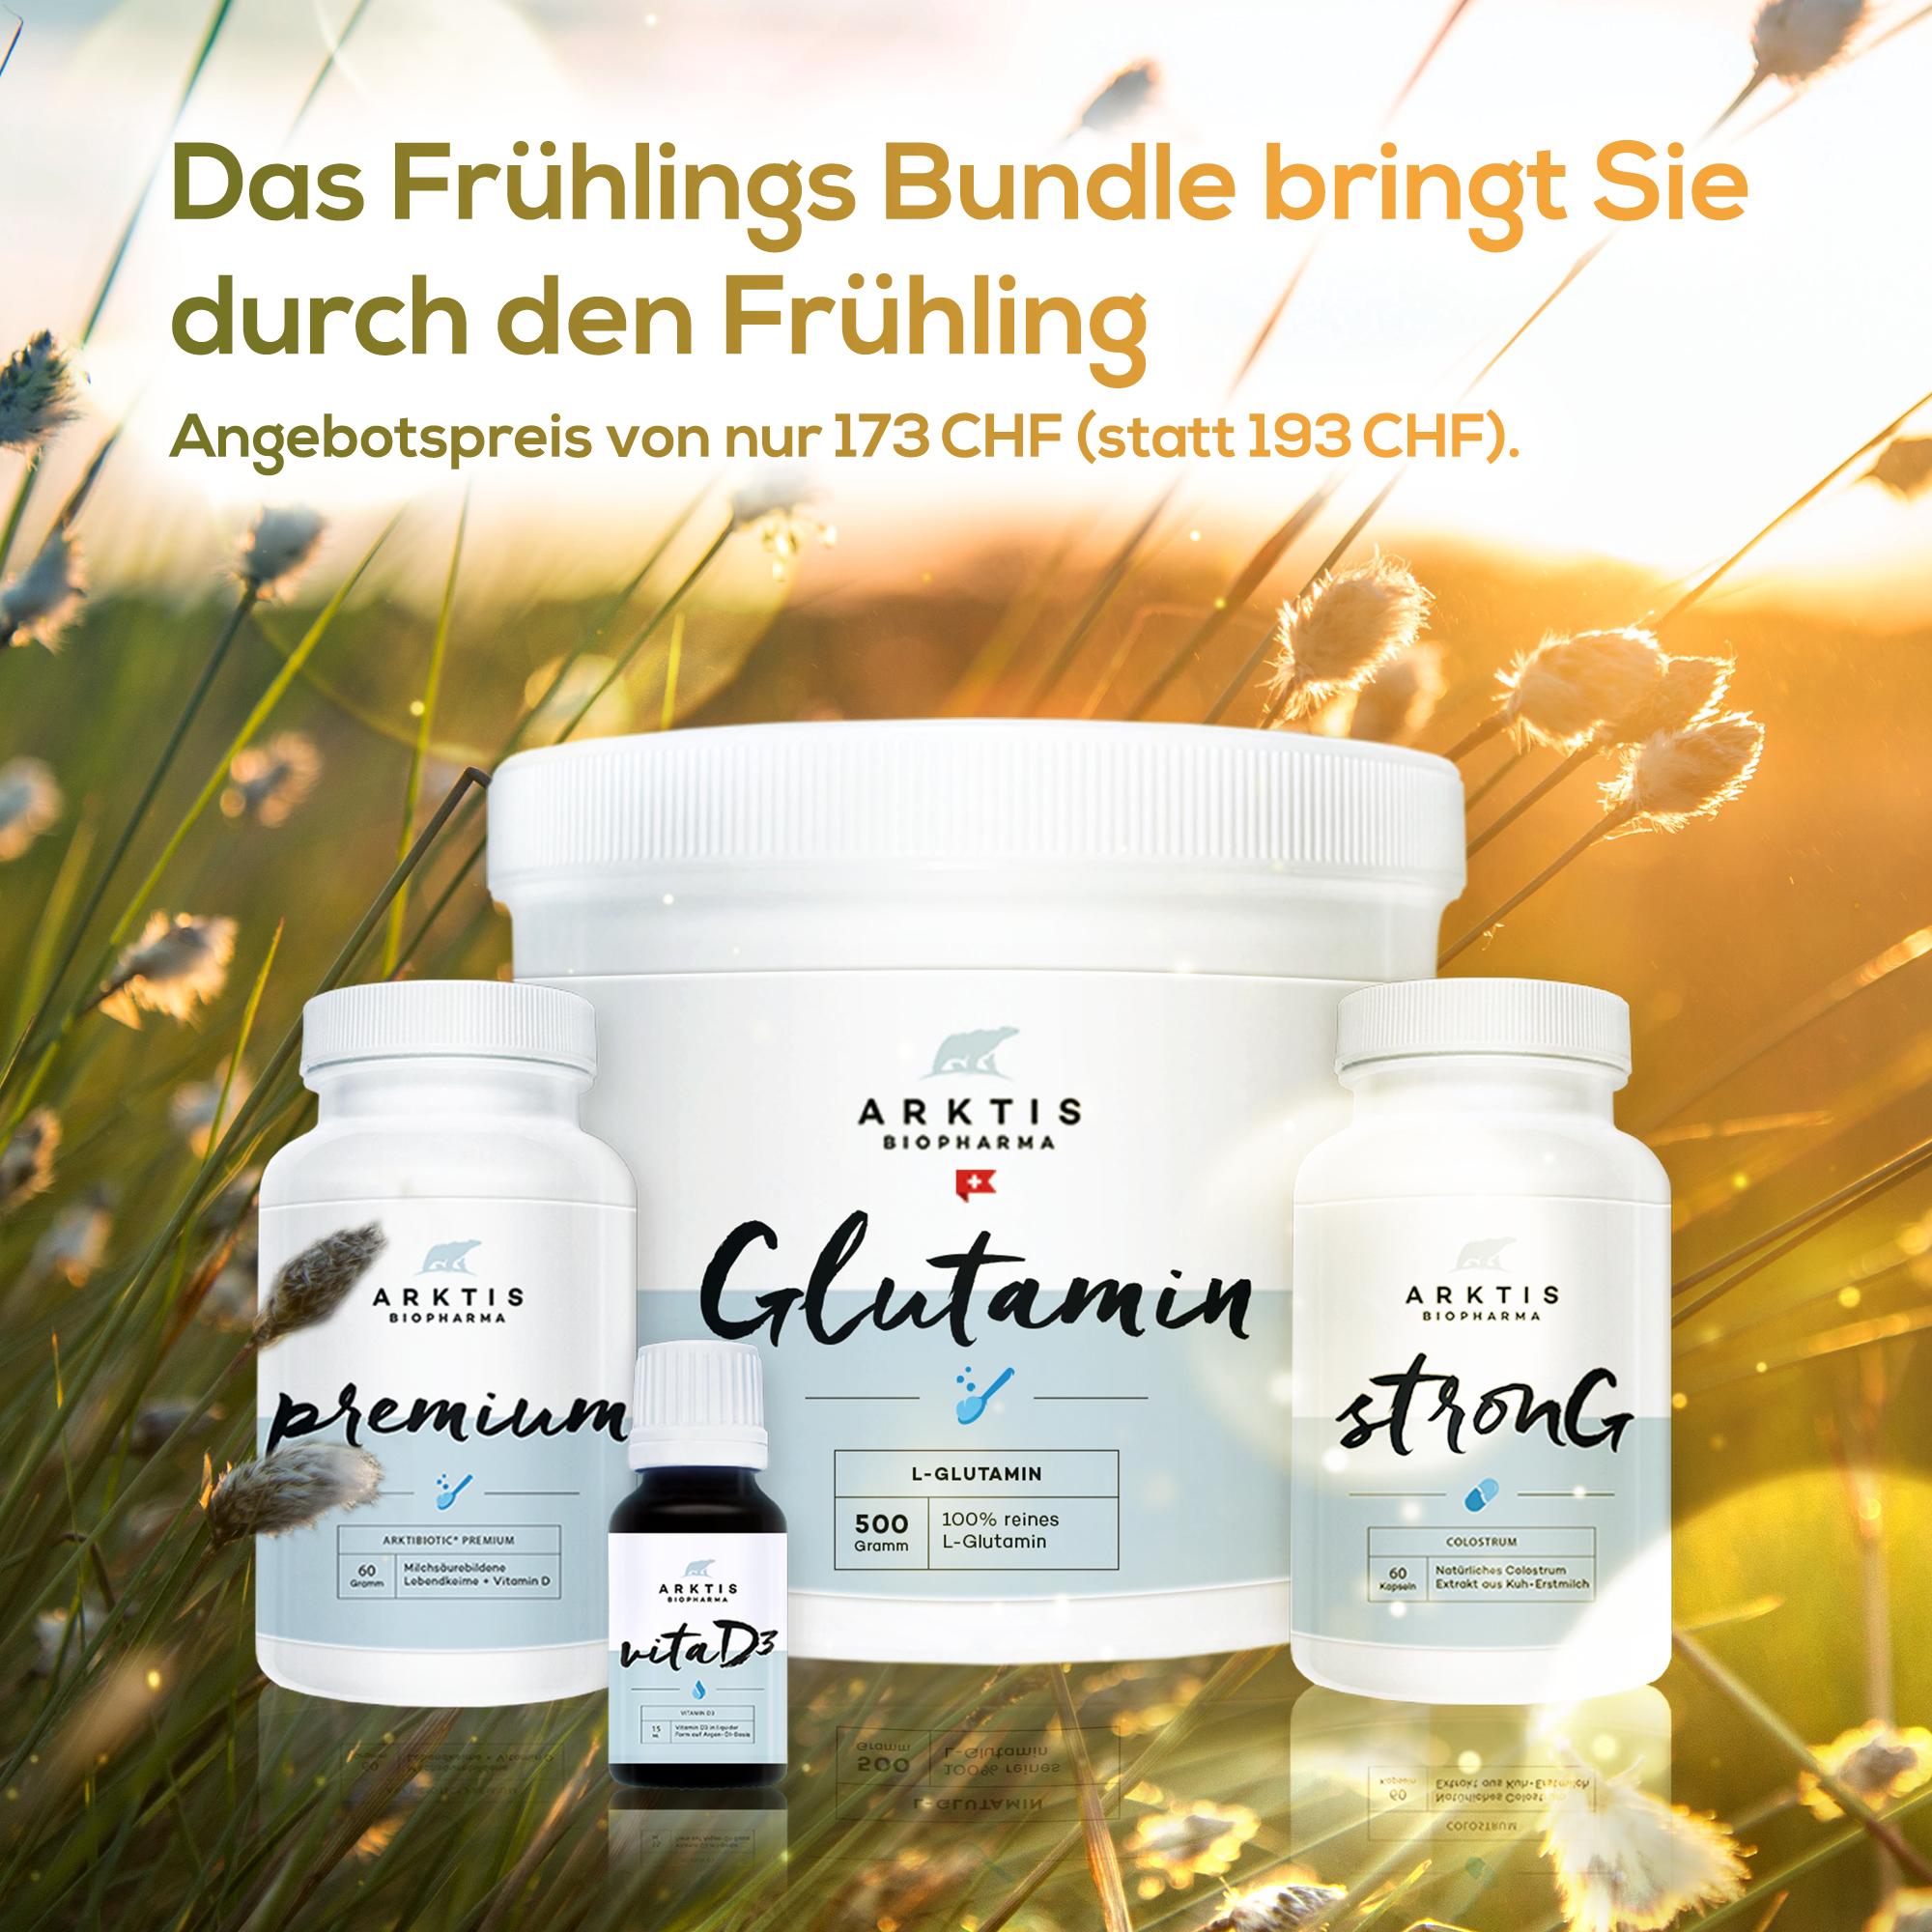 Fruhling bundle